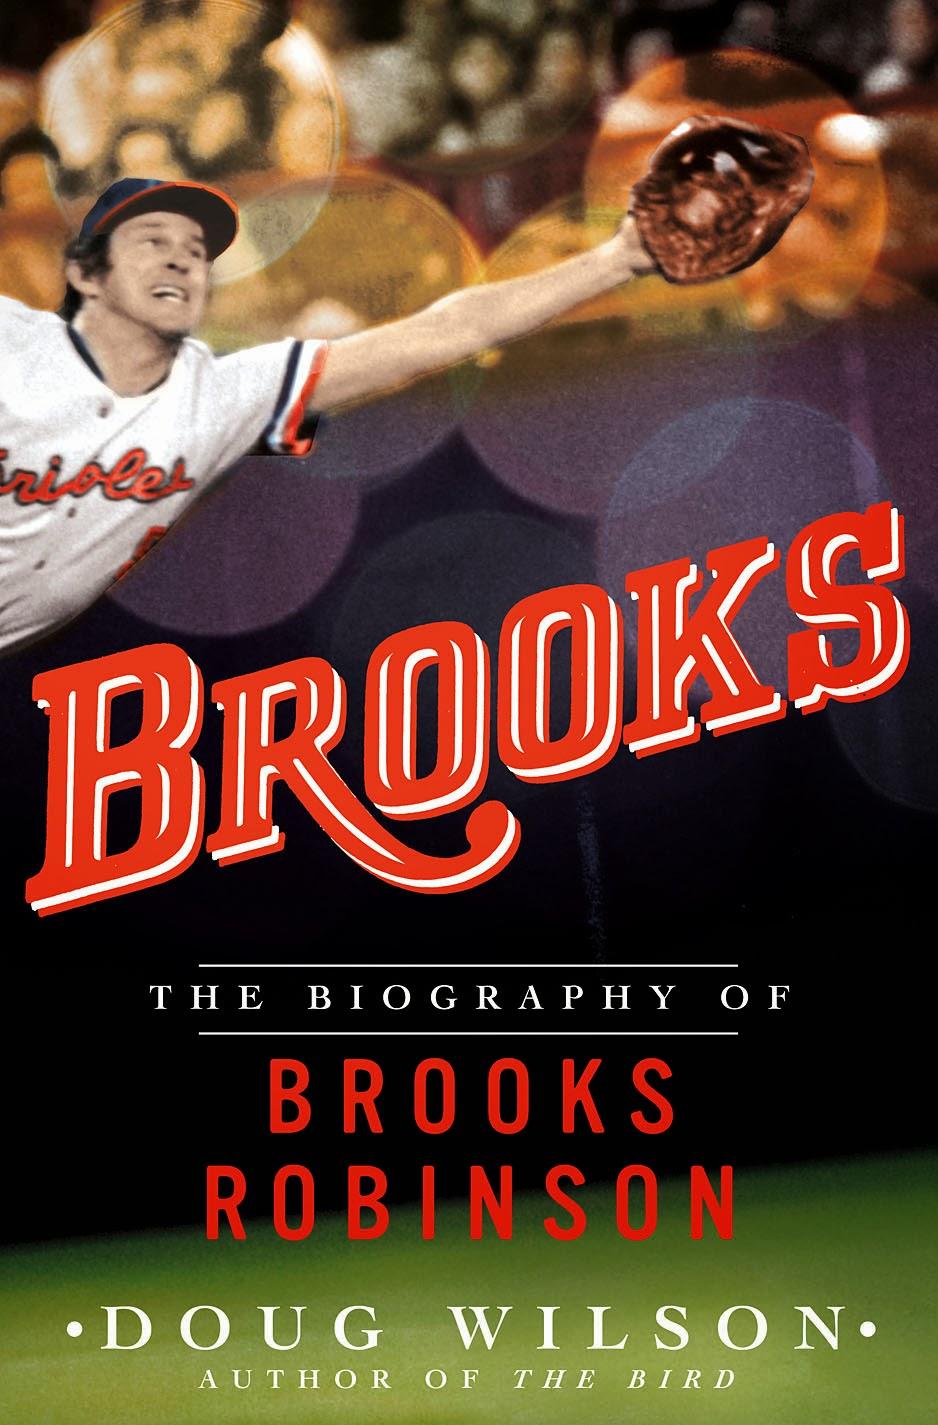 http://2.bp.blogspot.com/-WN7IEezb02U/VV9o2t2fNMI/AAAAAAAAAaM/FaHjAMB9dfU/s1600/Brooks_b.jpg